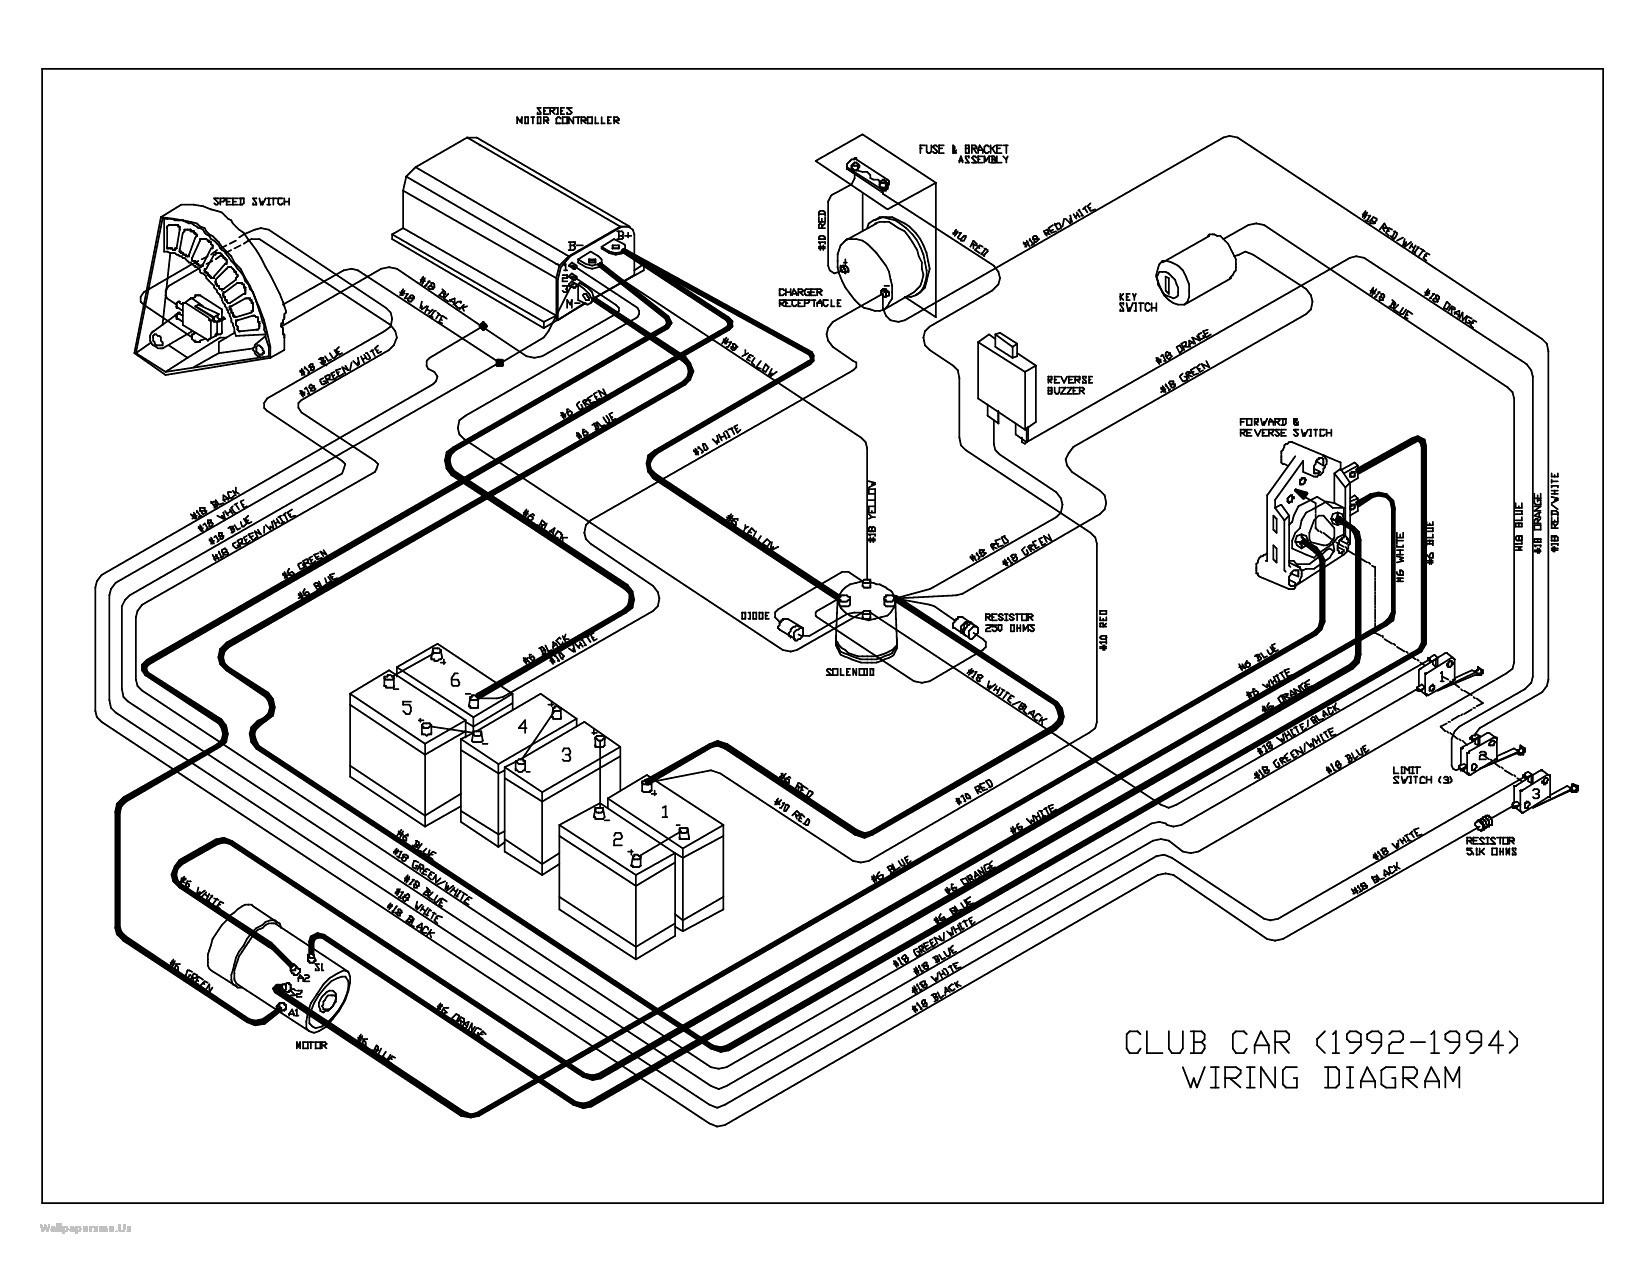 club car gcor wiring diagram schematic diagrams rh ogmconsulting co gas club car wiring diagrams club car precedent wiring diagram gas